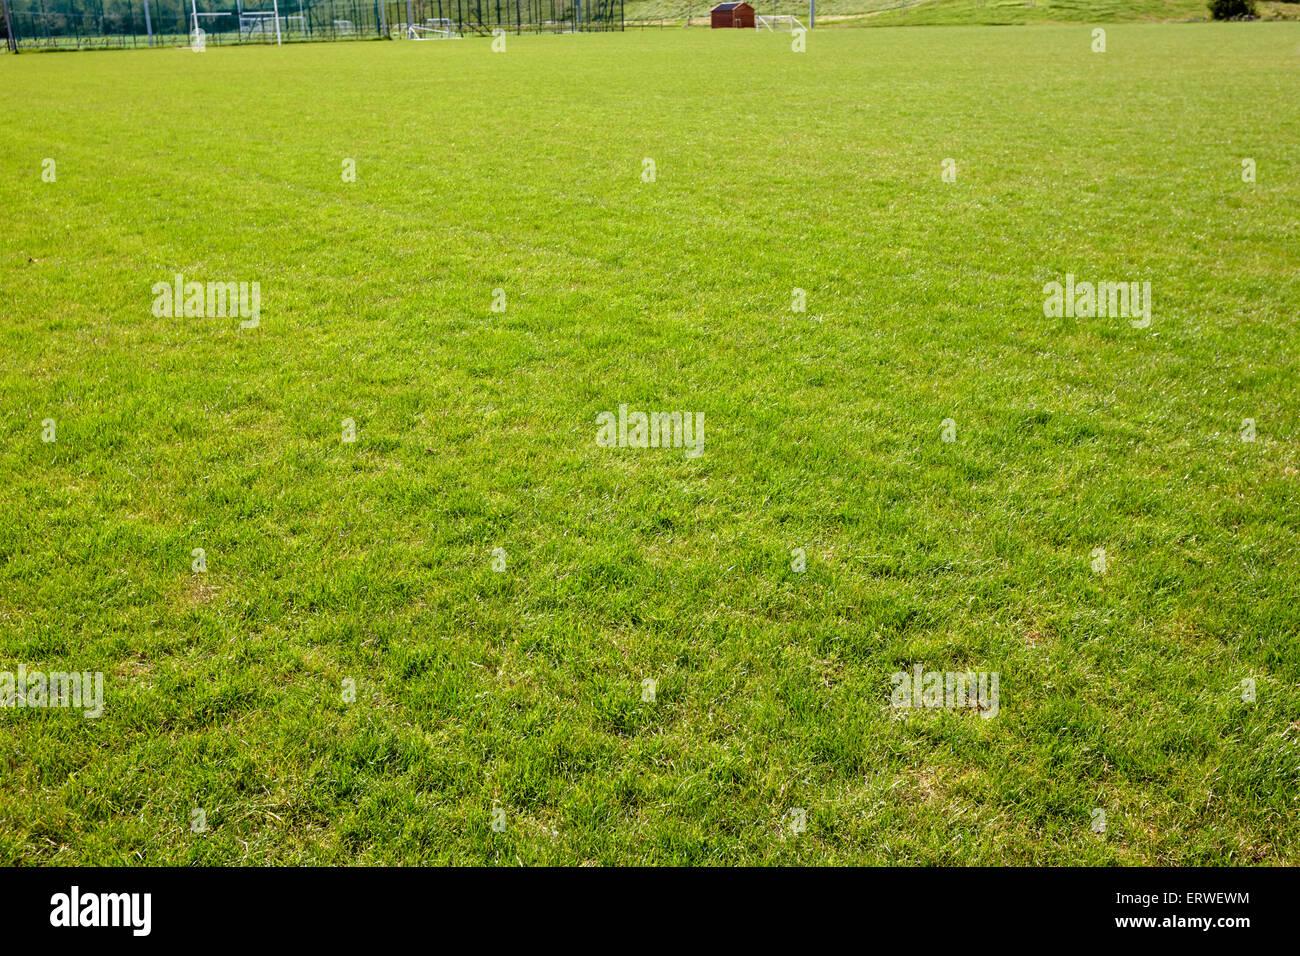 grünen Rasen auf dem Spielfeld Sport pitch Grafschaft Monaghan Irland Stockfoto